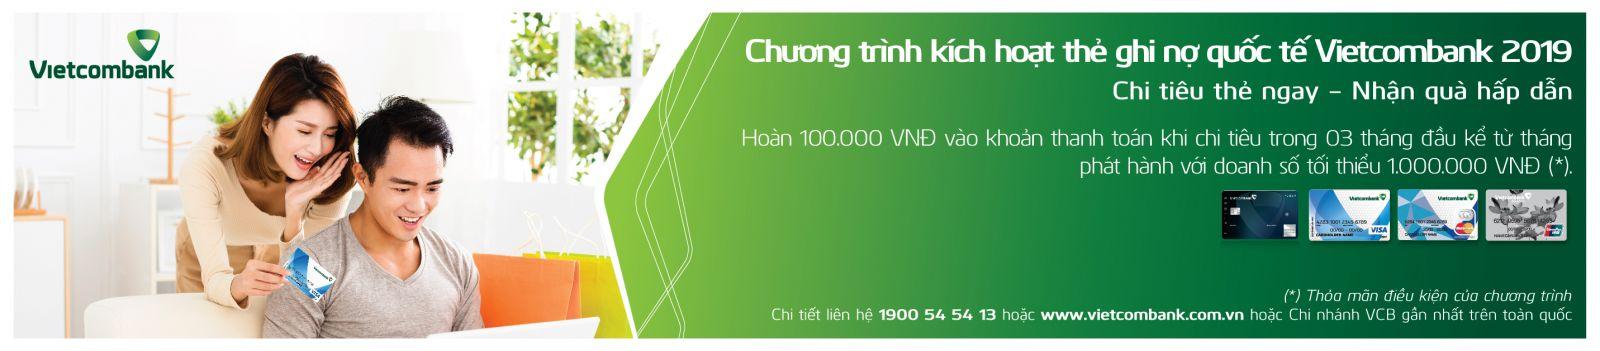 Vietcombank ưu đãi cho chủ thẻ ghi nợ quốc tế